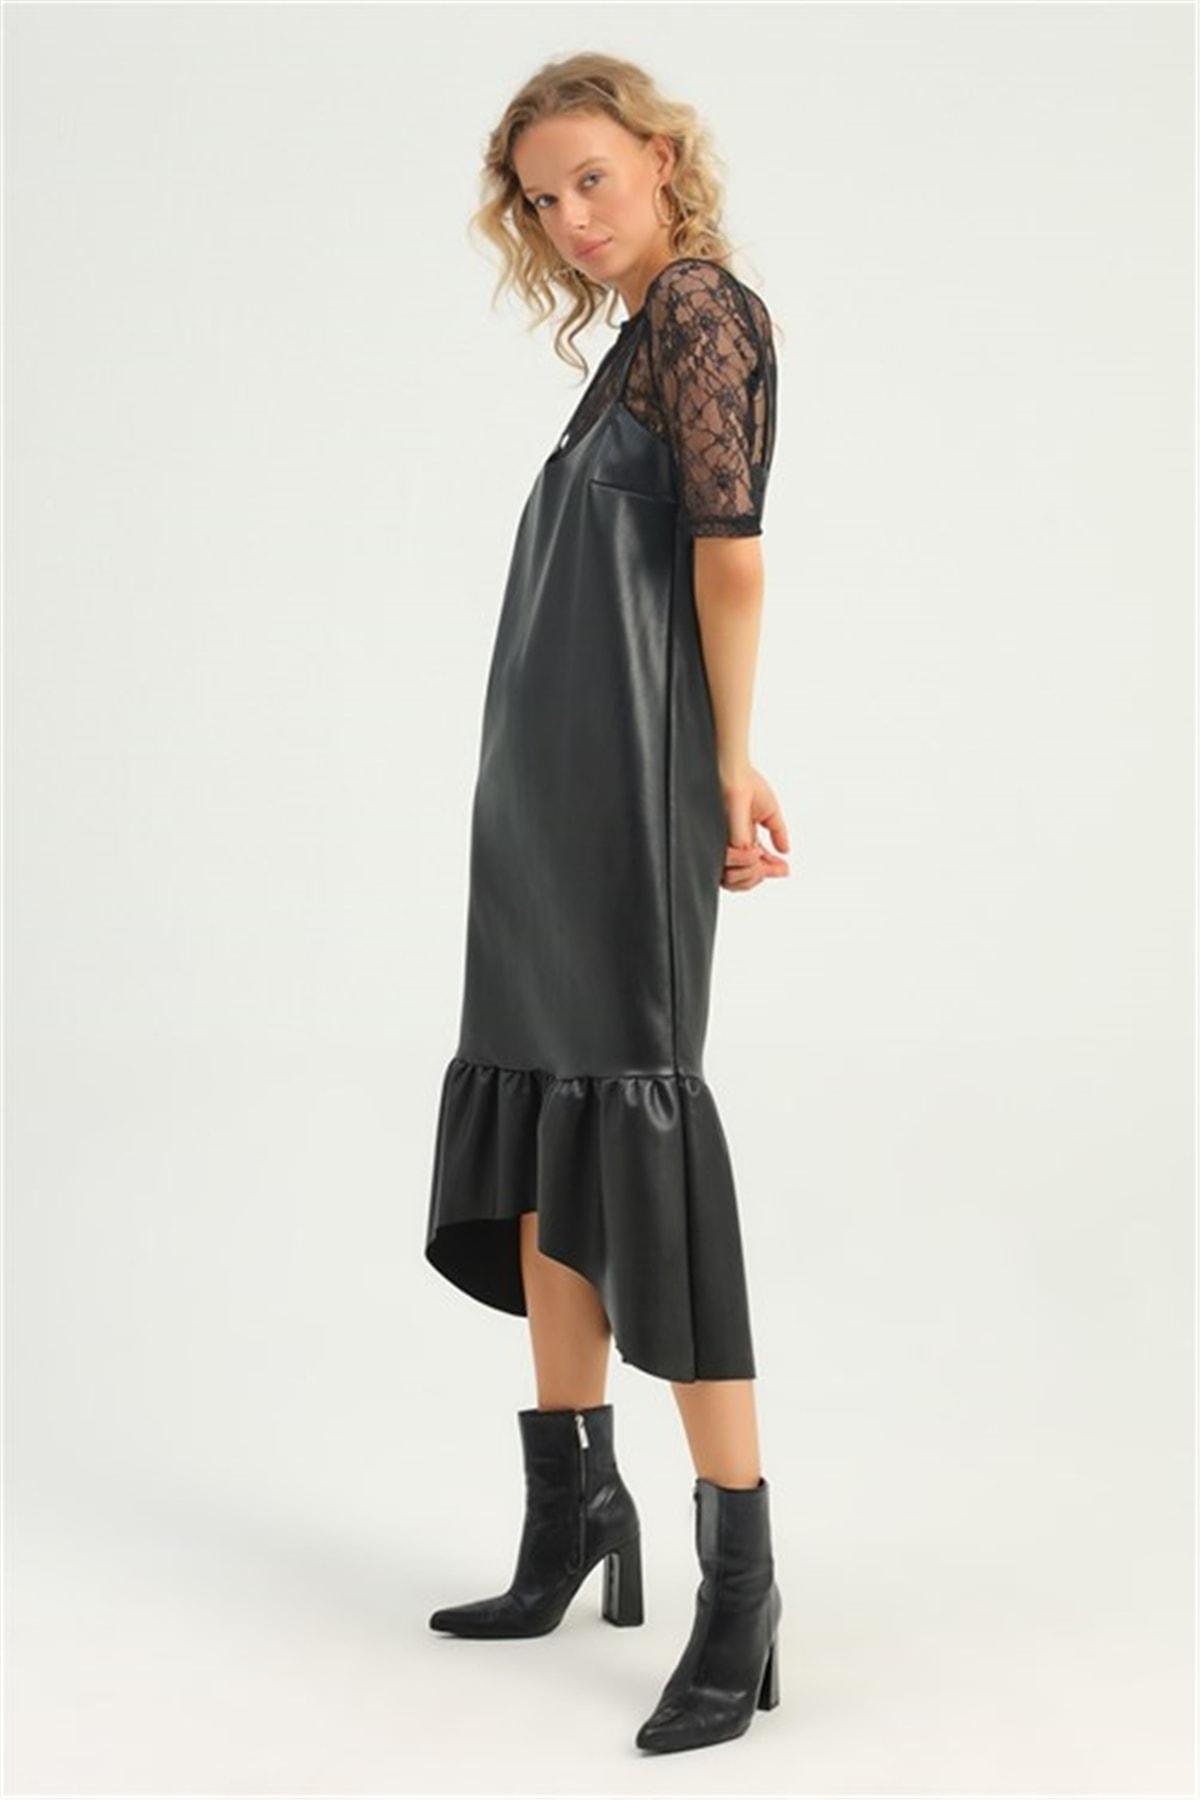 MARİSAM MODA Kadın Dantel Bluzlu Askılı Elbise 1